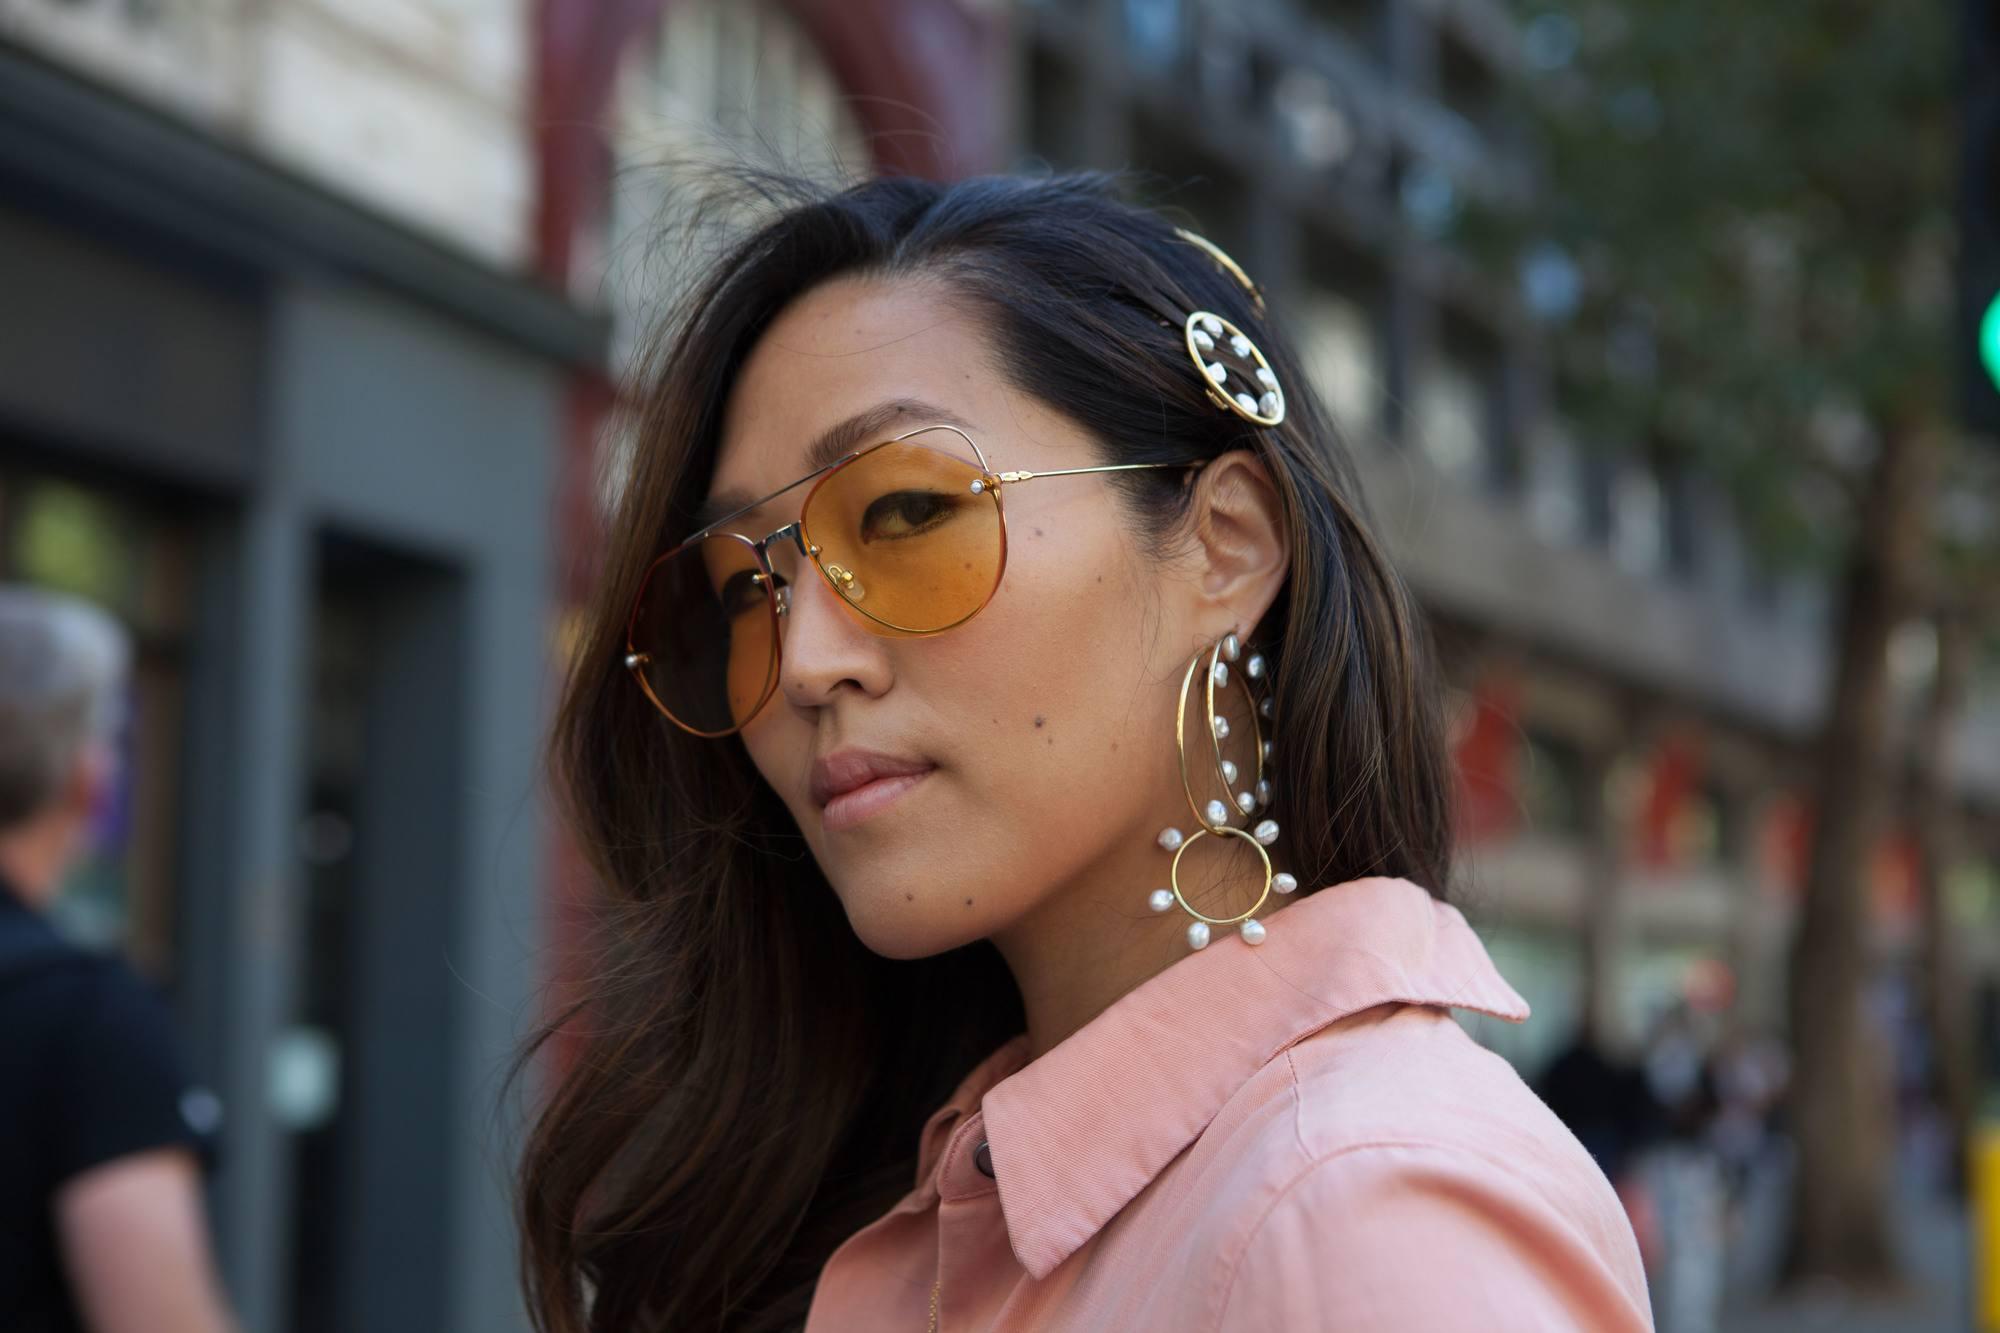 Femme avec de longs cheveux asiatiques bruns balayage ondulés avec des clips.